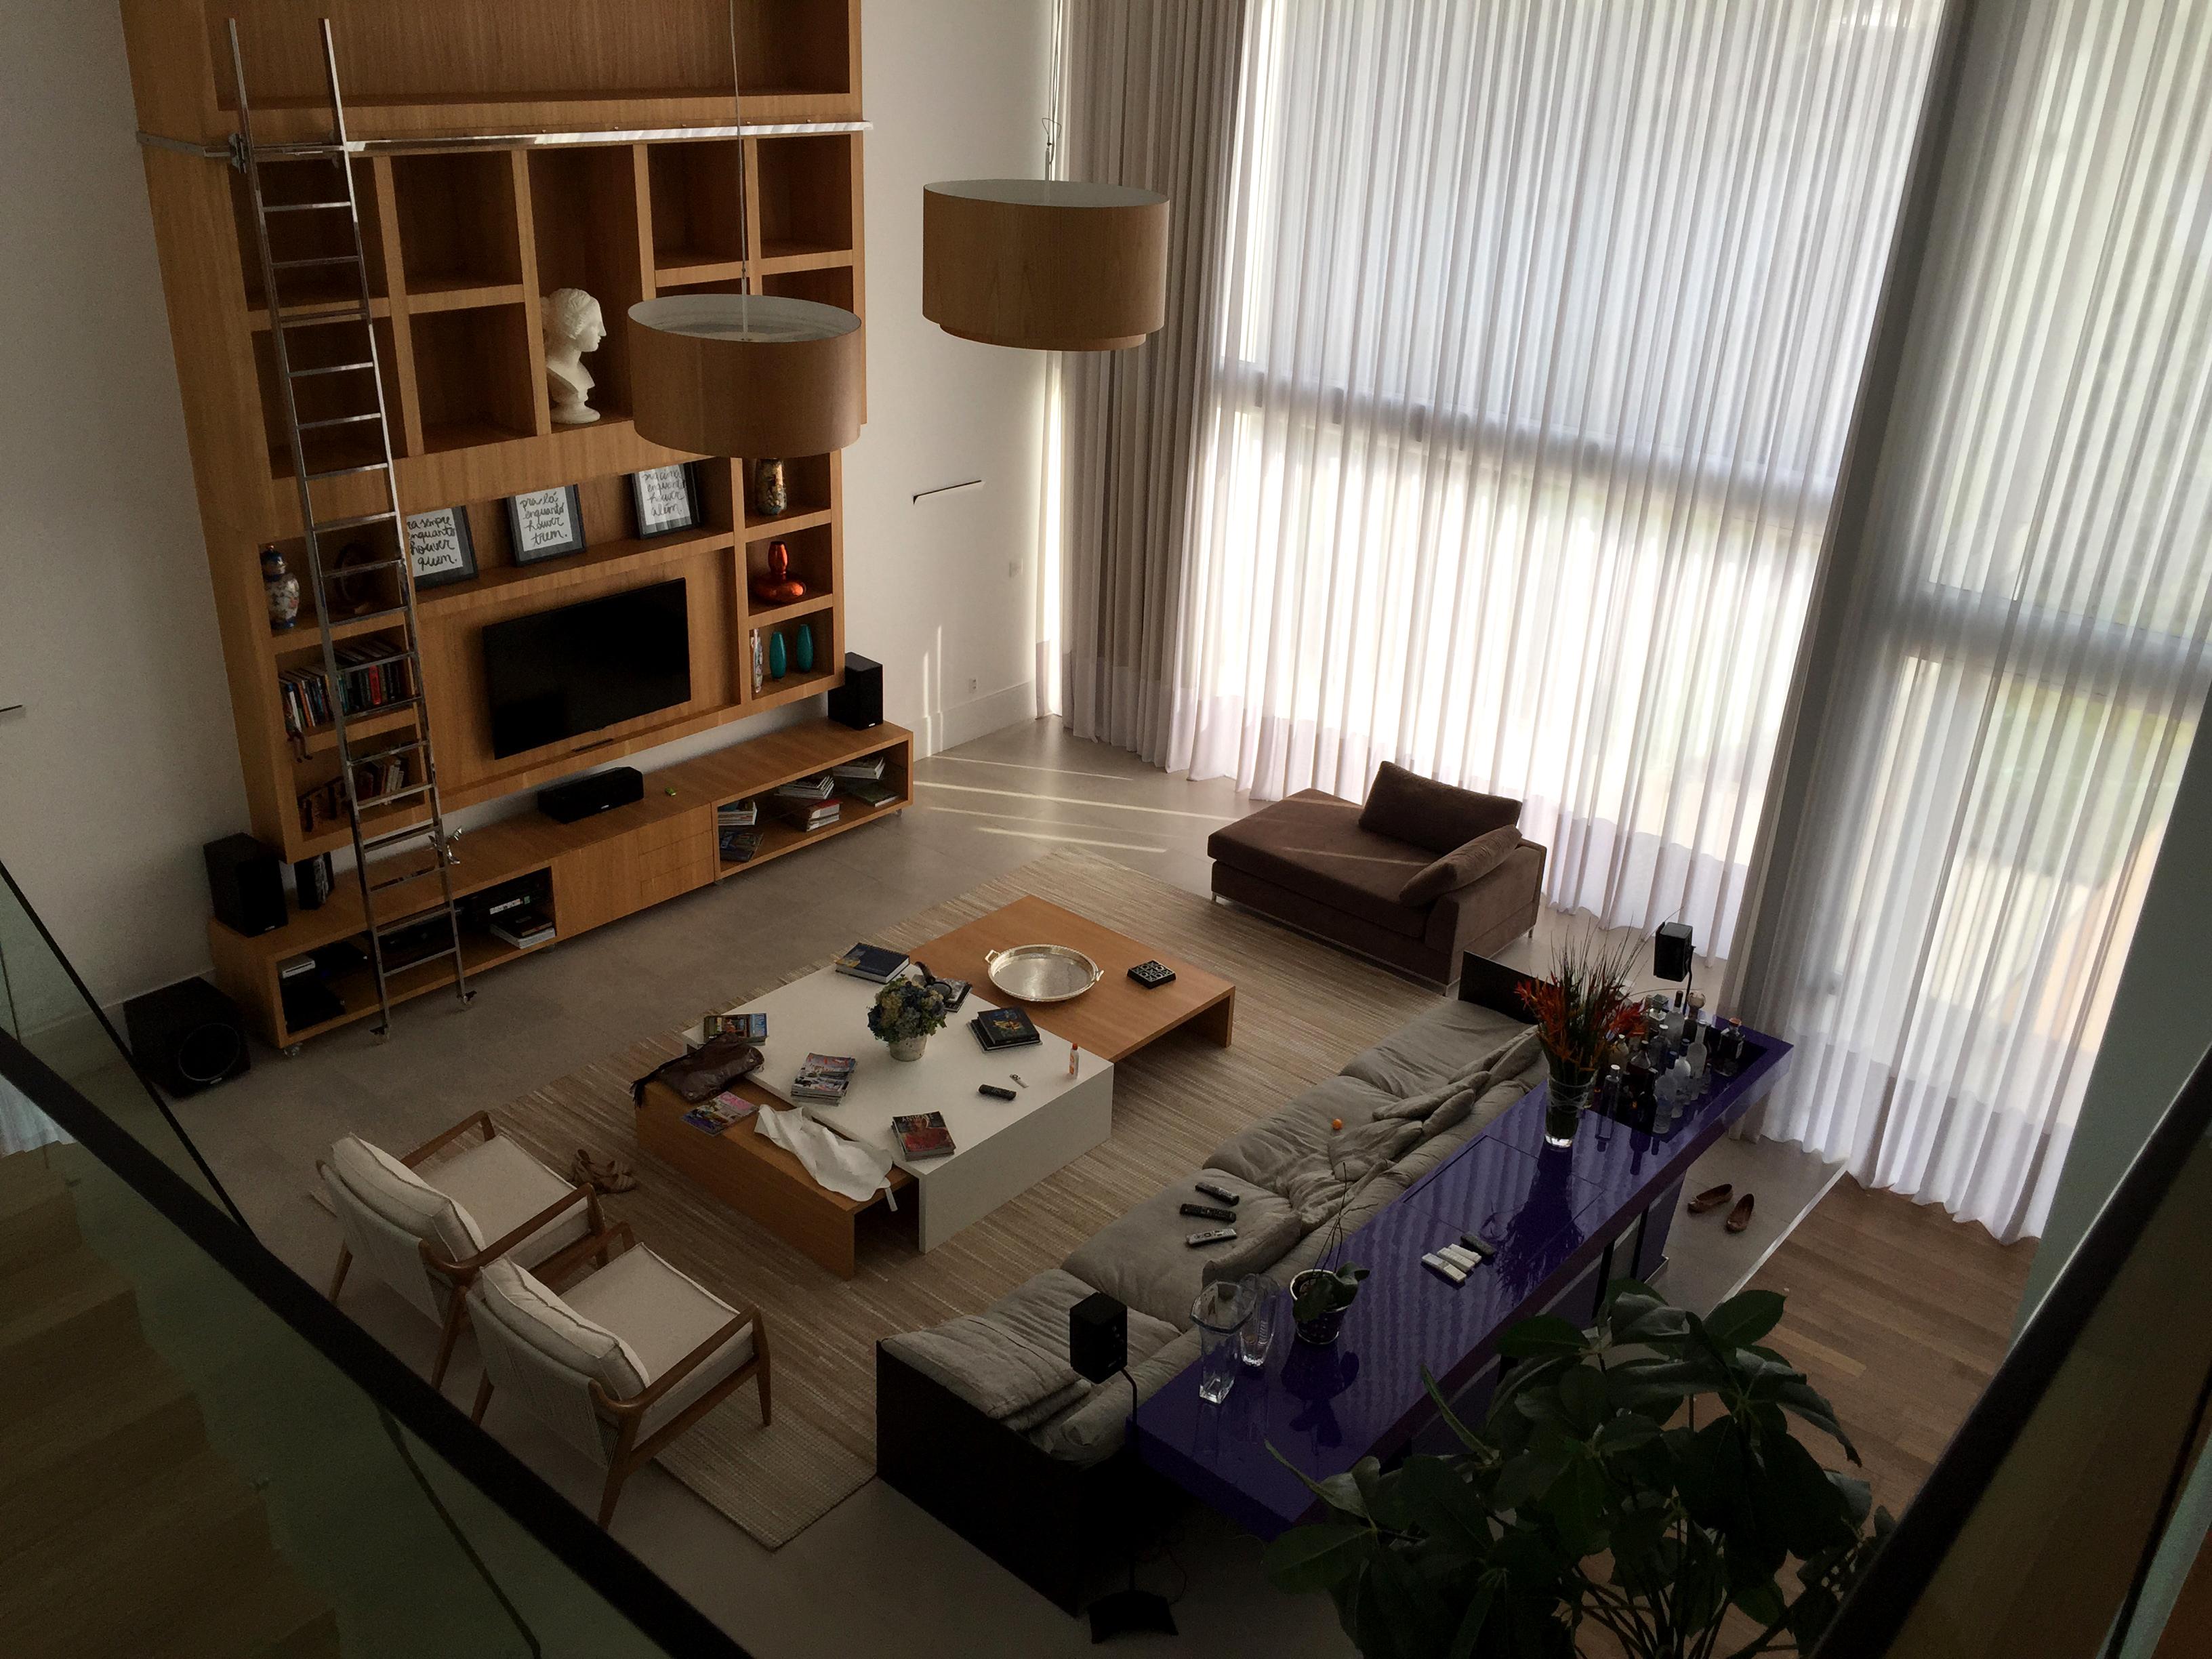 Casa Brum-Sala estar home cine